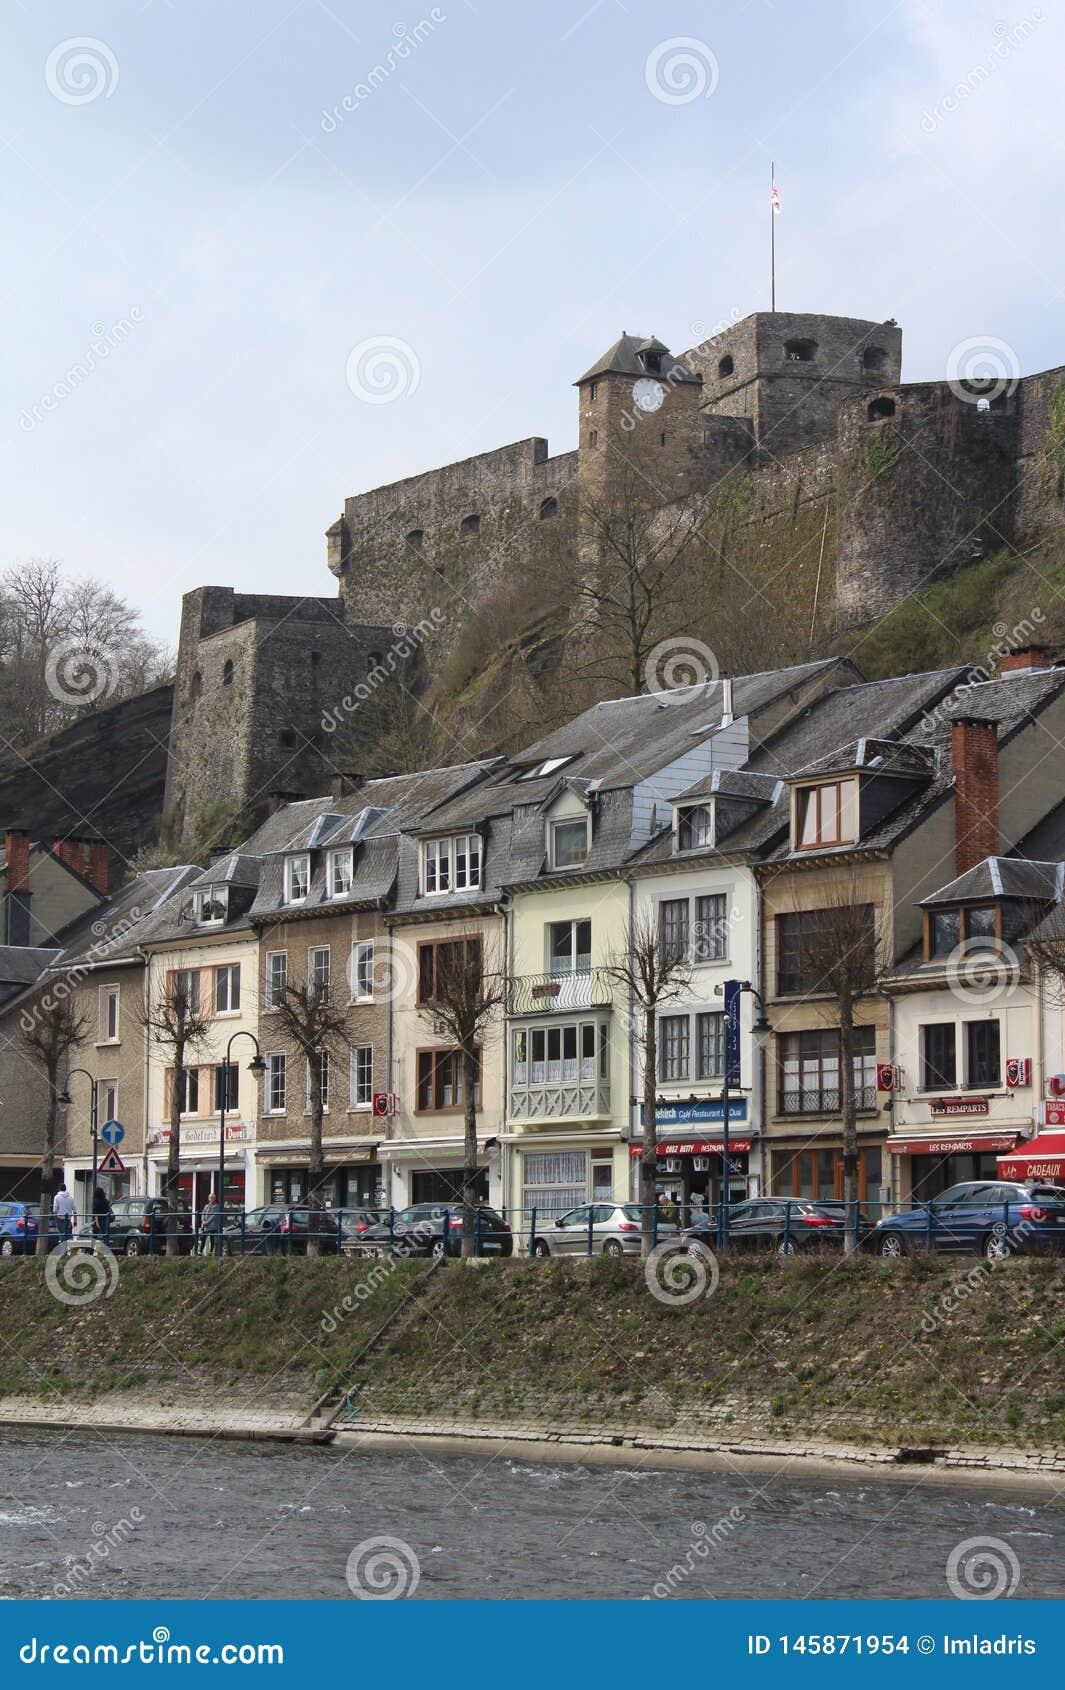 Chateau de Bouillon und Stadt, Luxemburg, Belgien